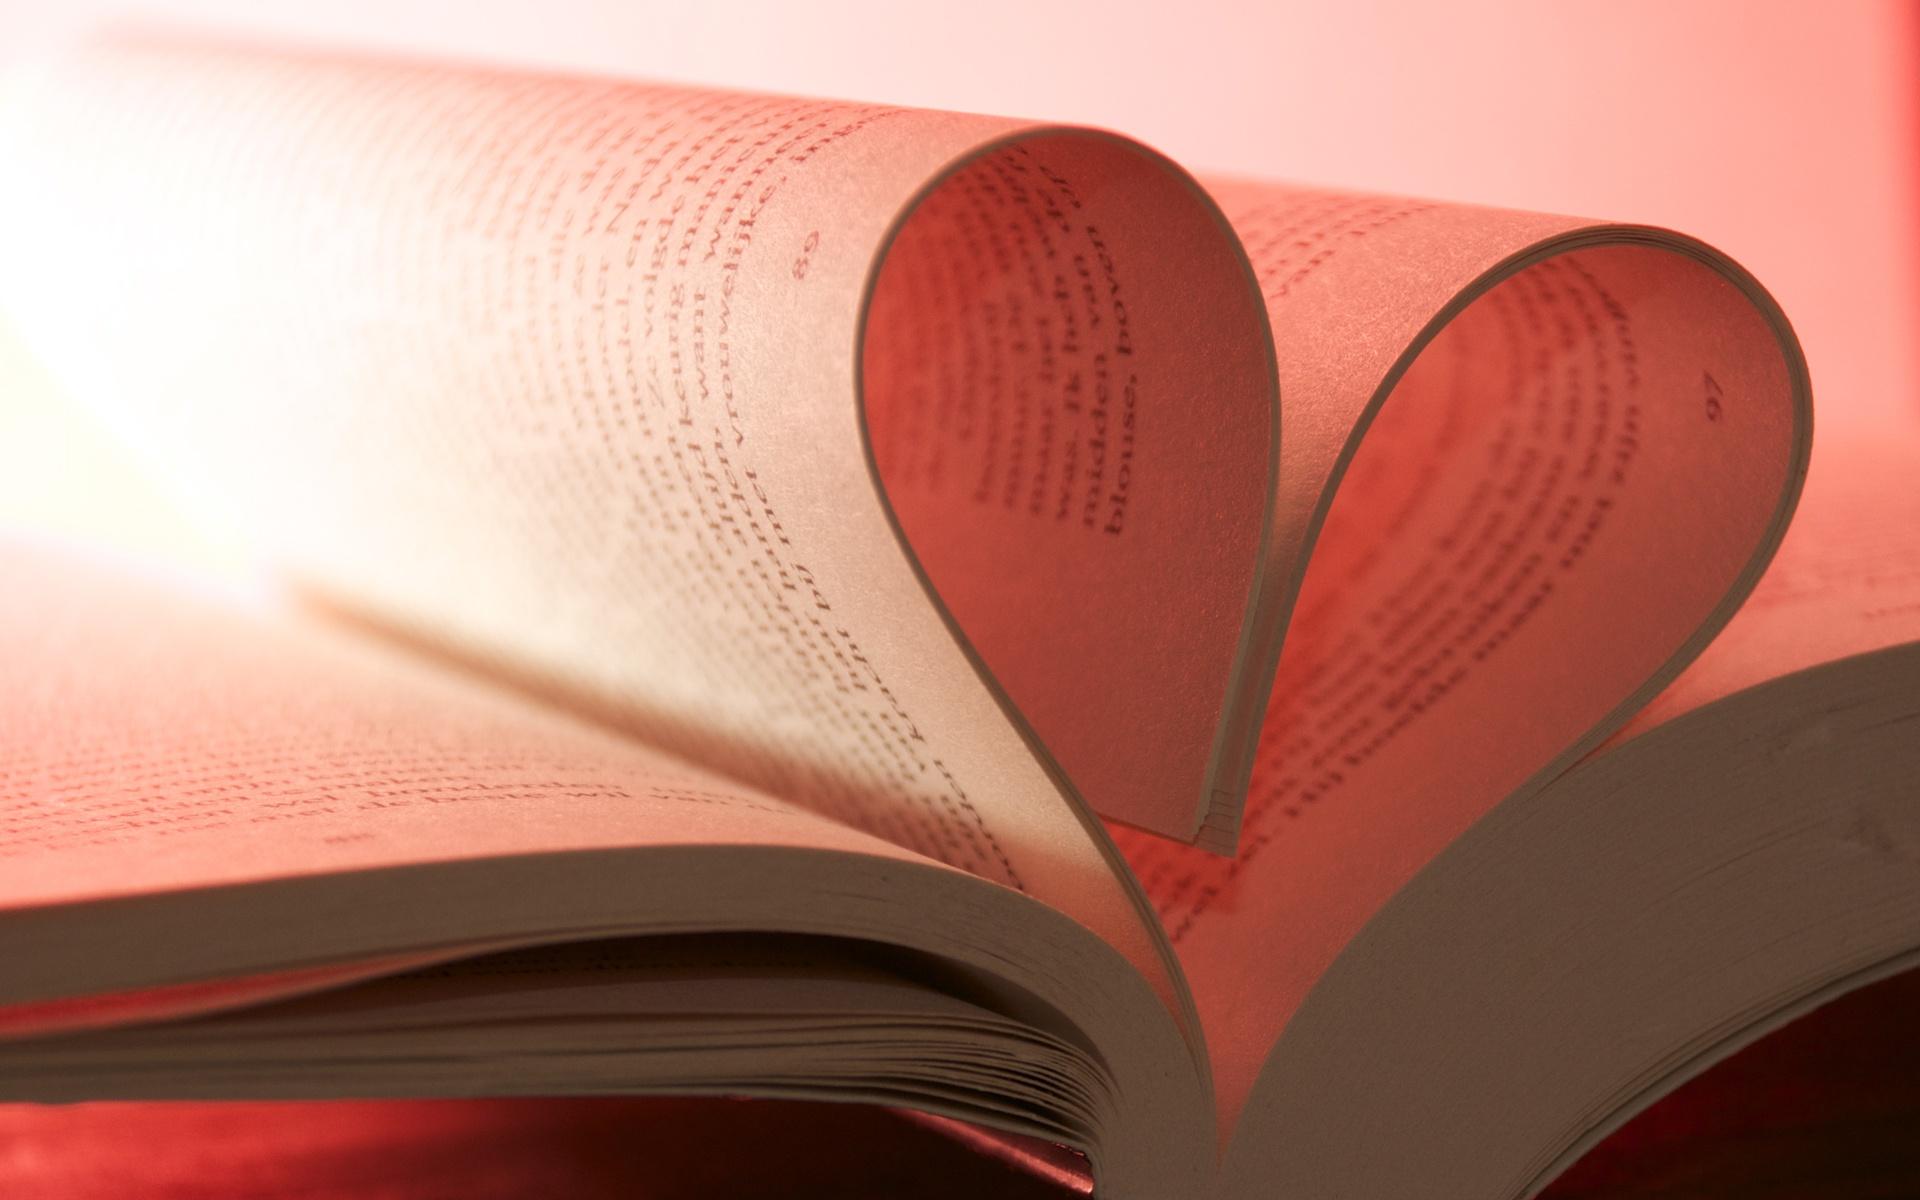 Lovely Book Wallpaper